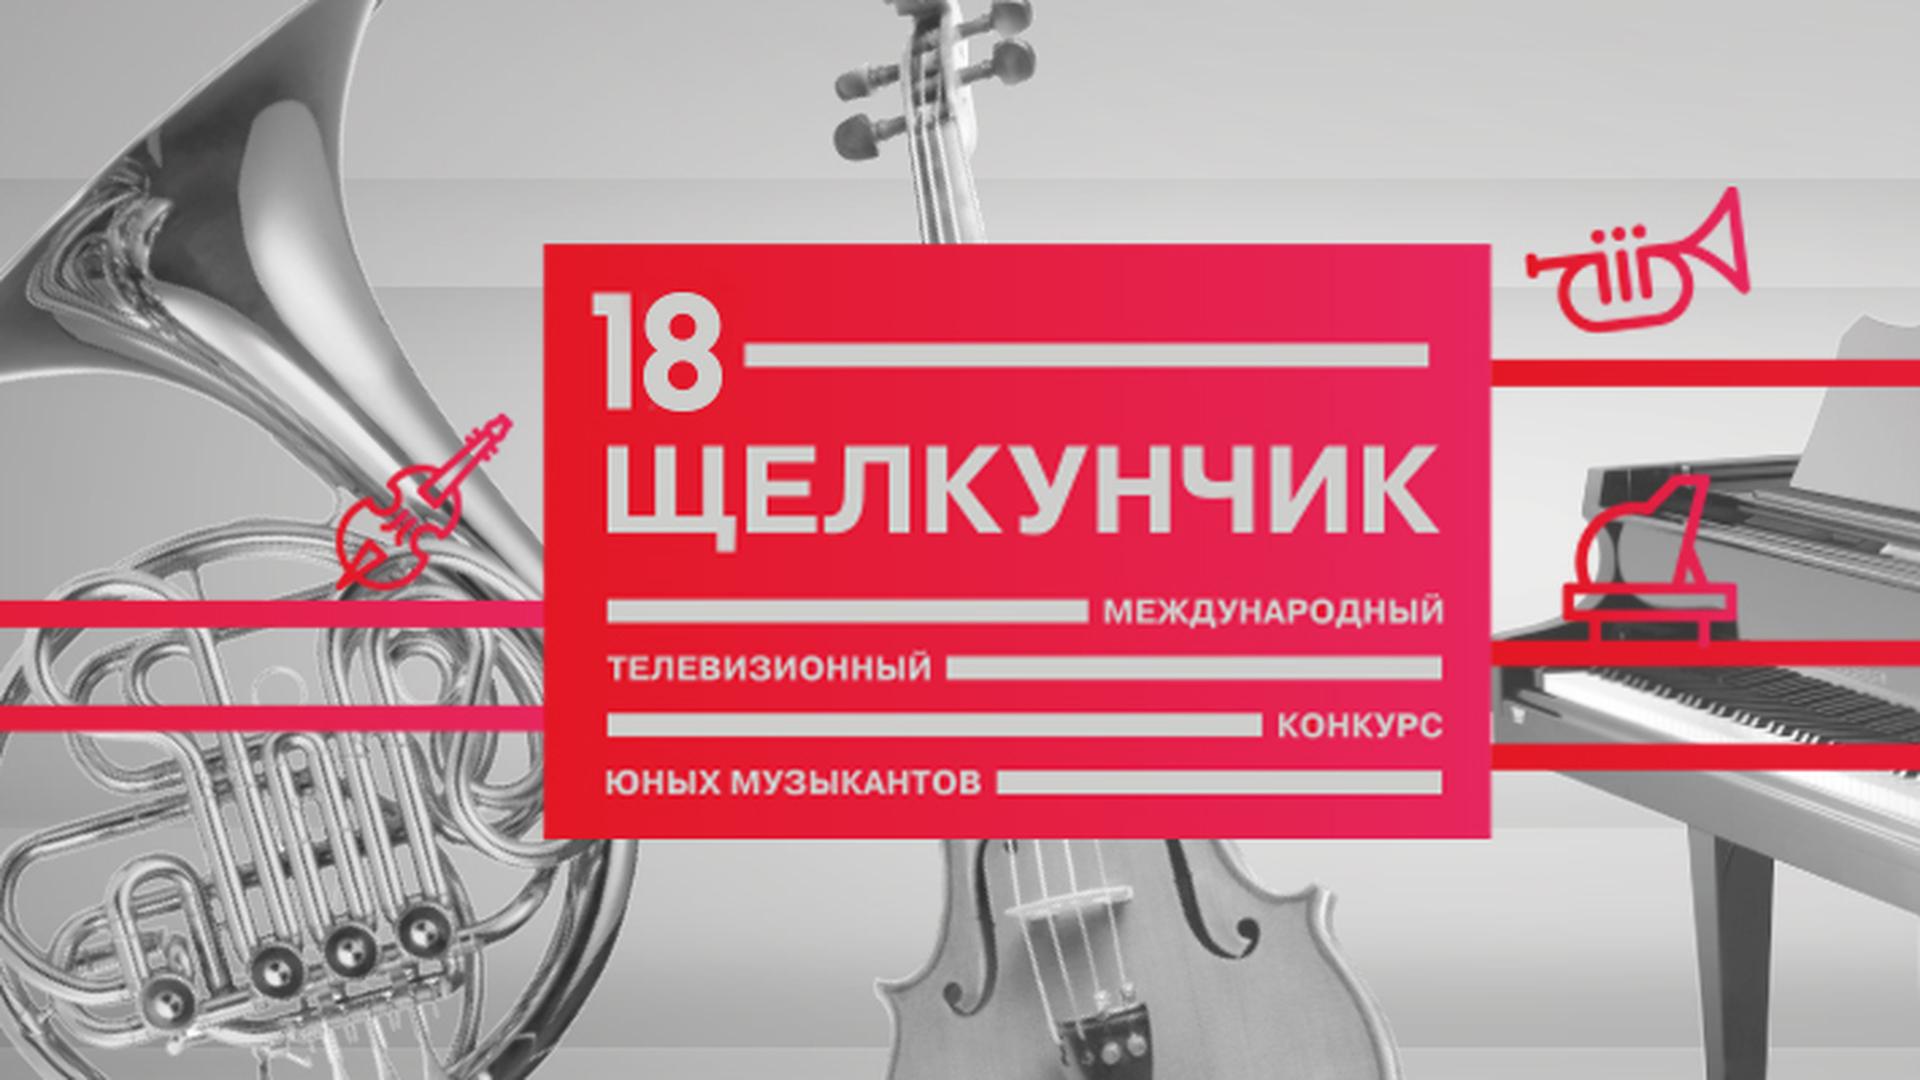 Щелкунчик. Международный телевизионный конкурс юных музыкантов